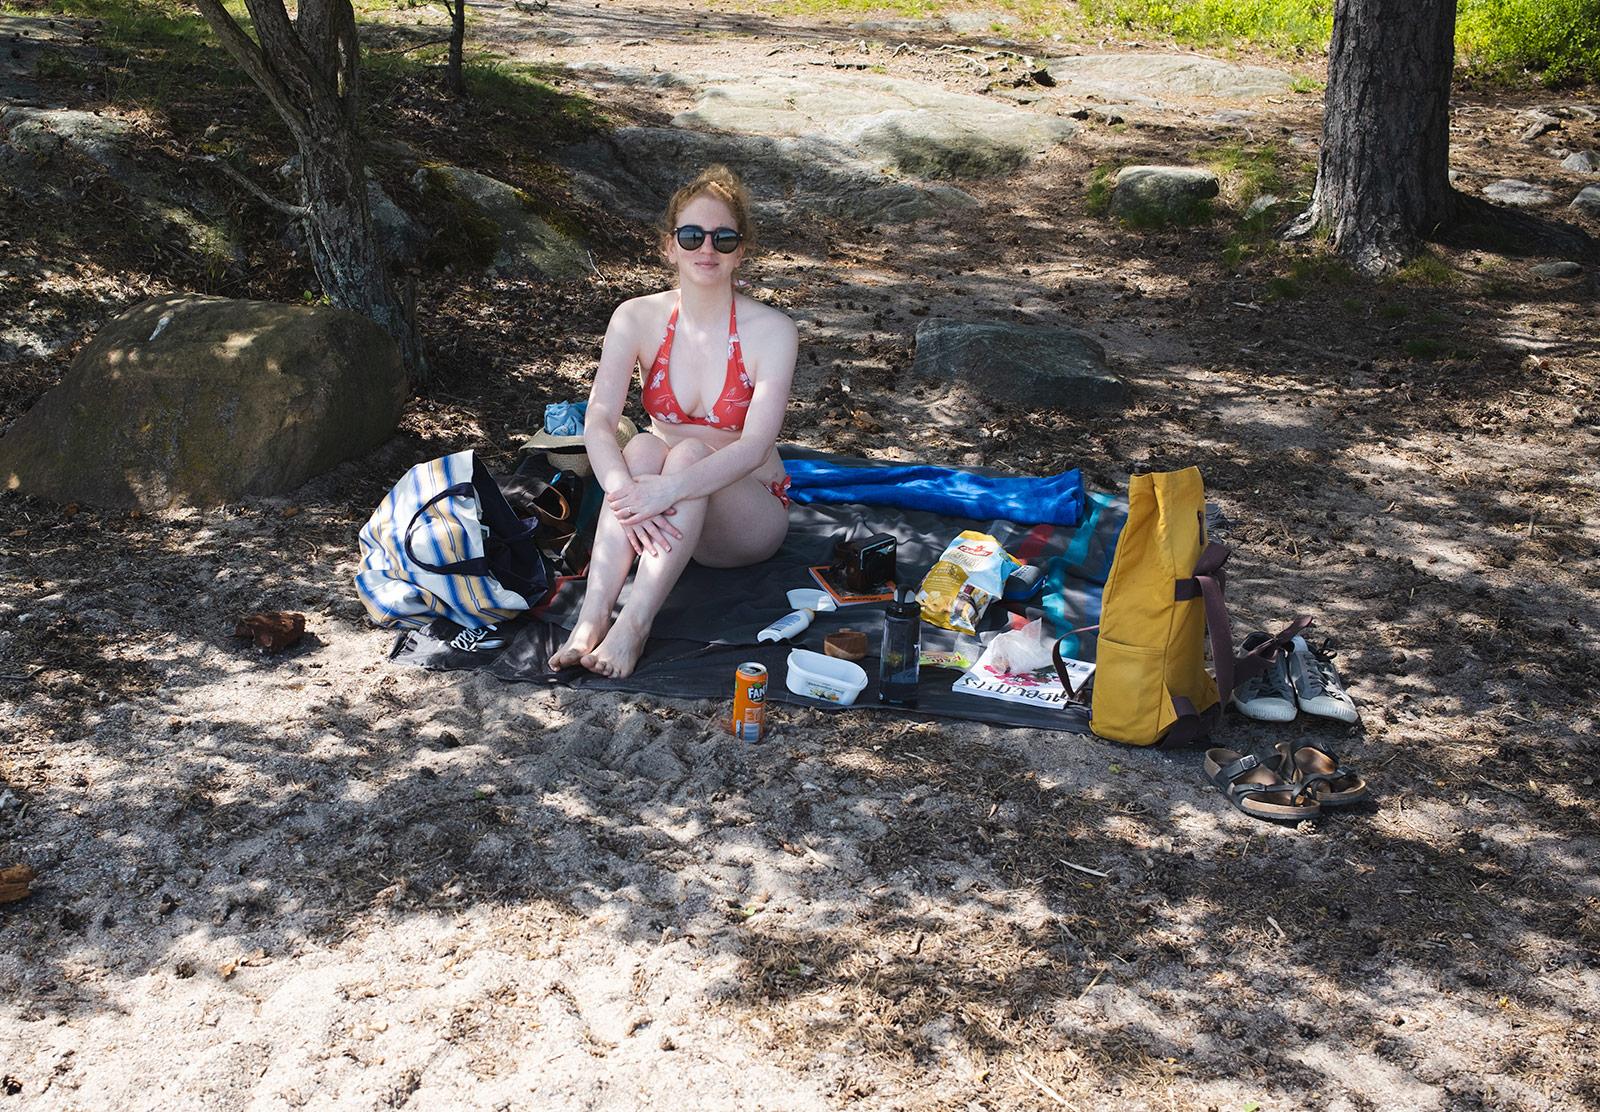 Woman sat on the beach